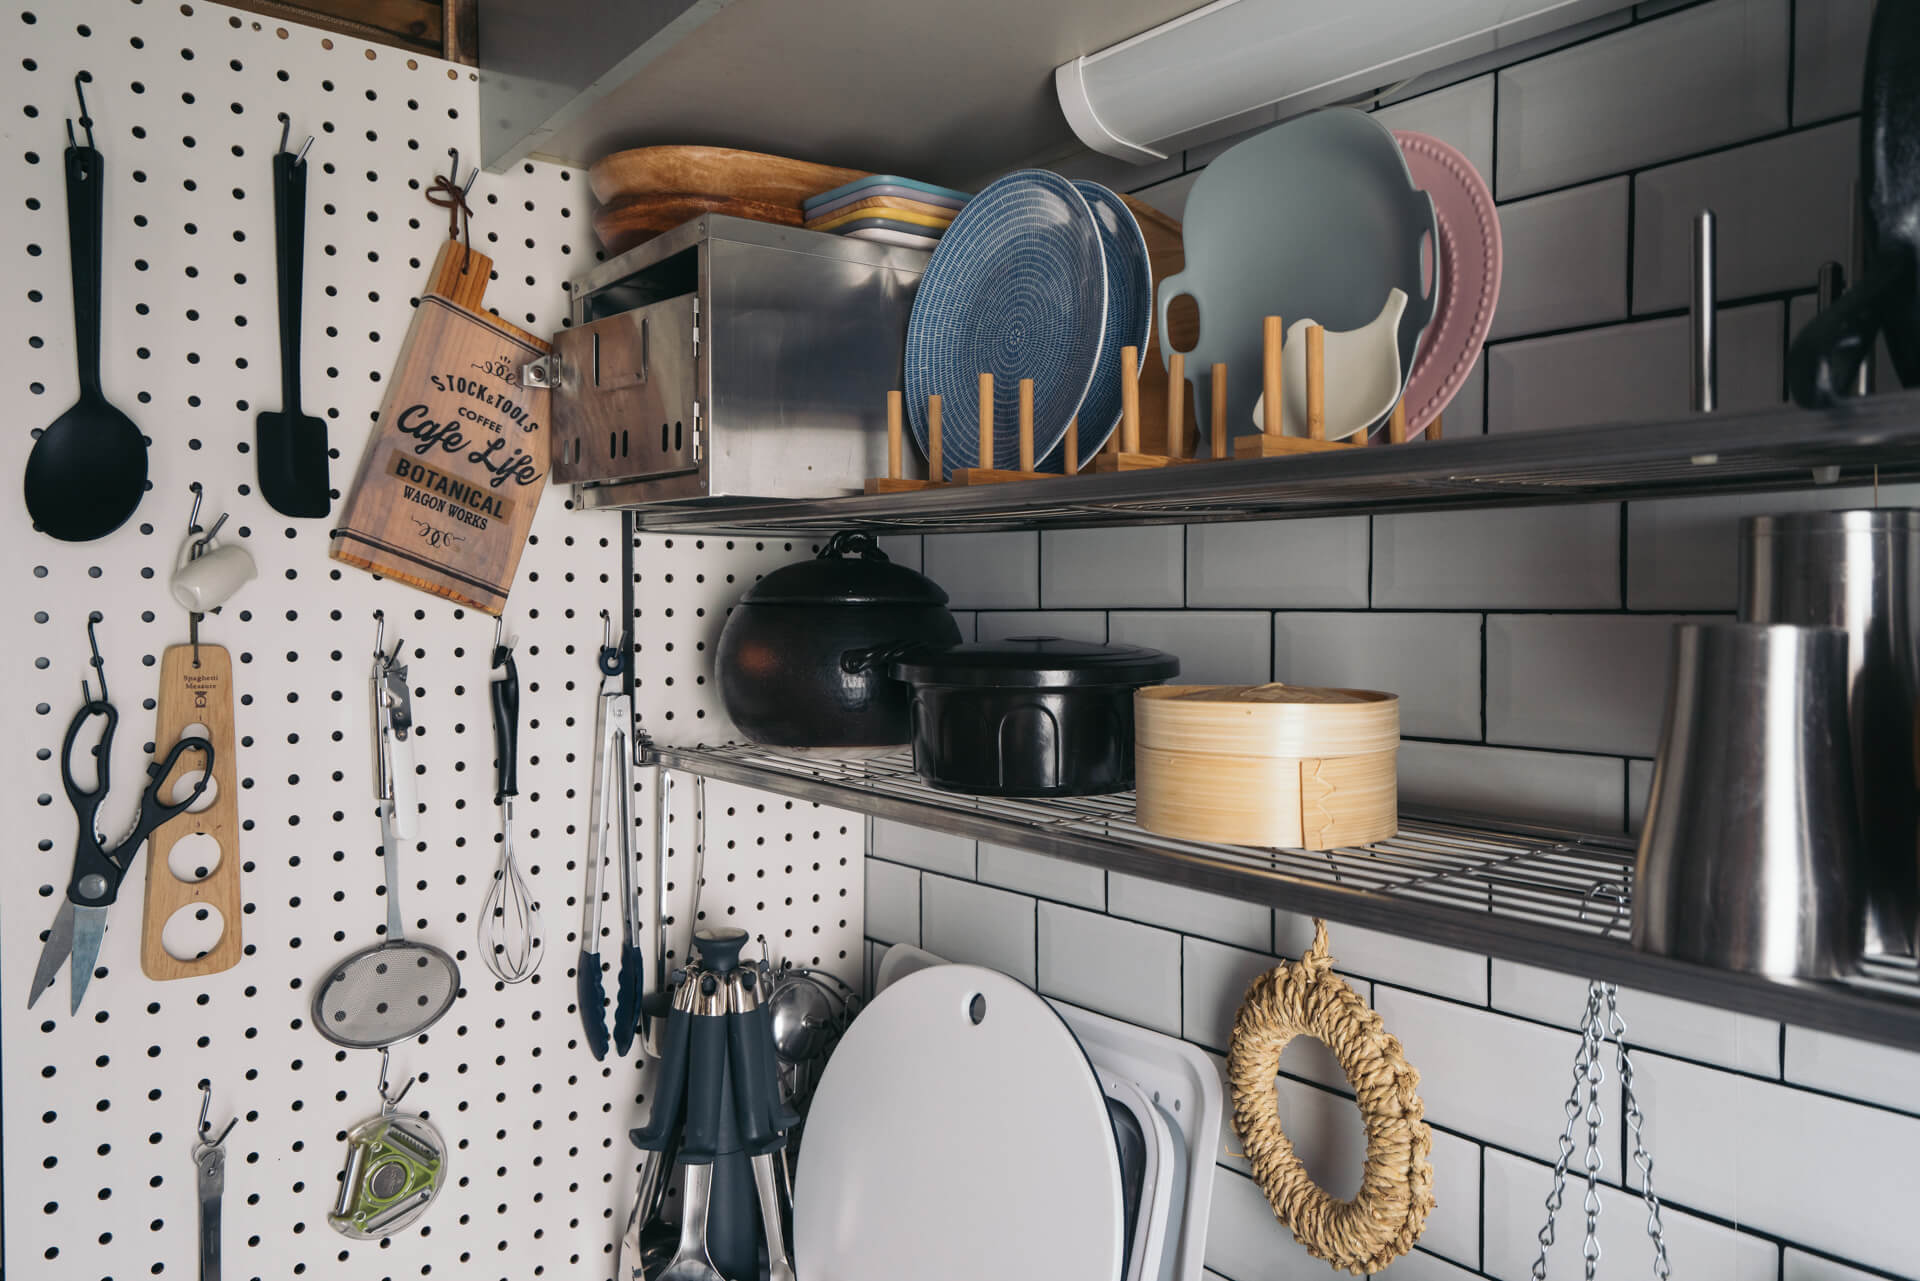 こちらはシンク側。有孔ボードを冷蔵庫の側面に吊り下げ、キッチンツールもすべてさっと手がとどく位置に。水切り棚には特にお気に入りの器が並びます。